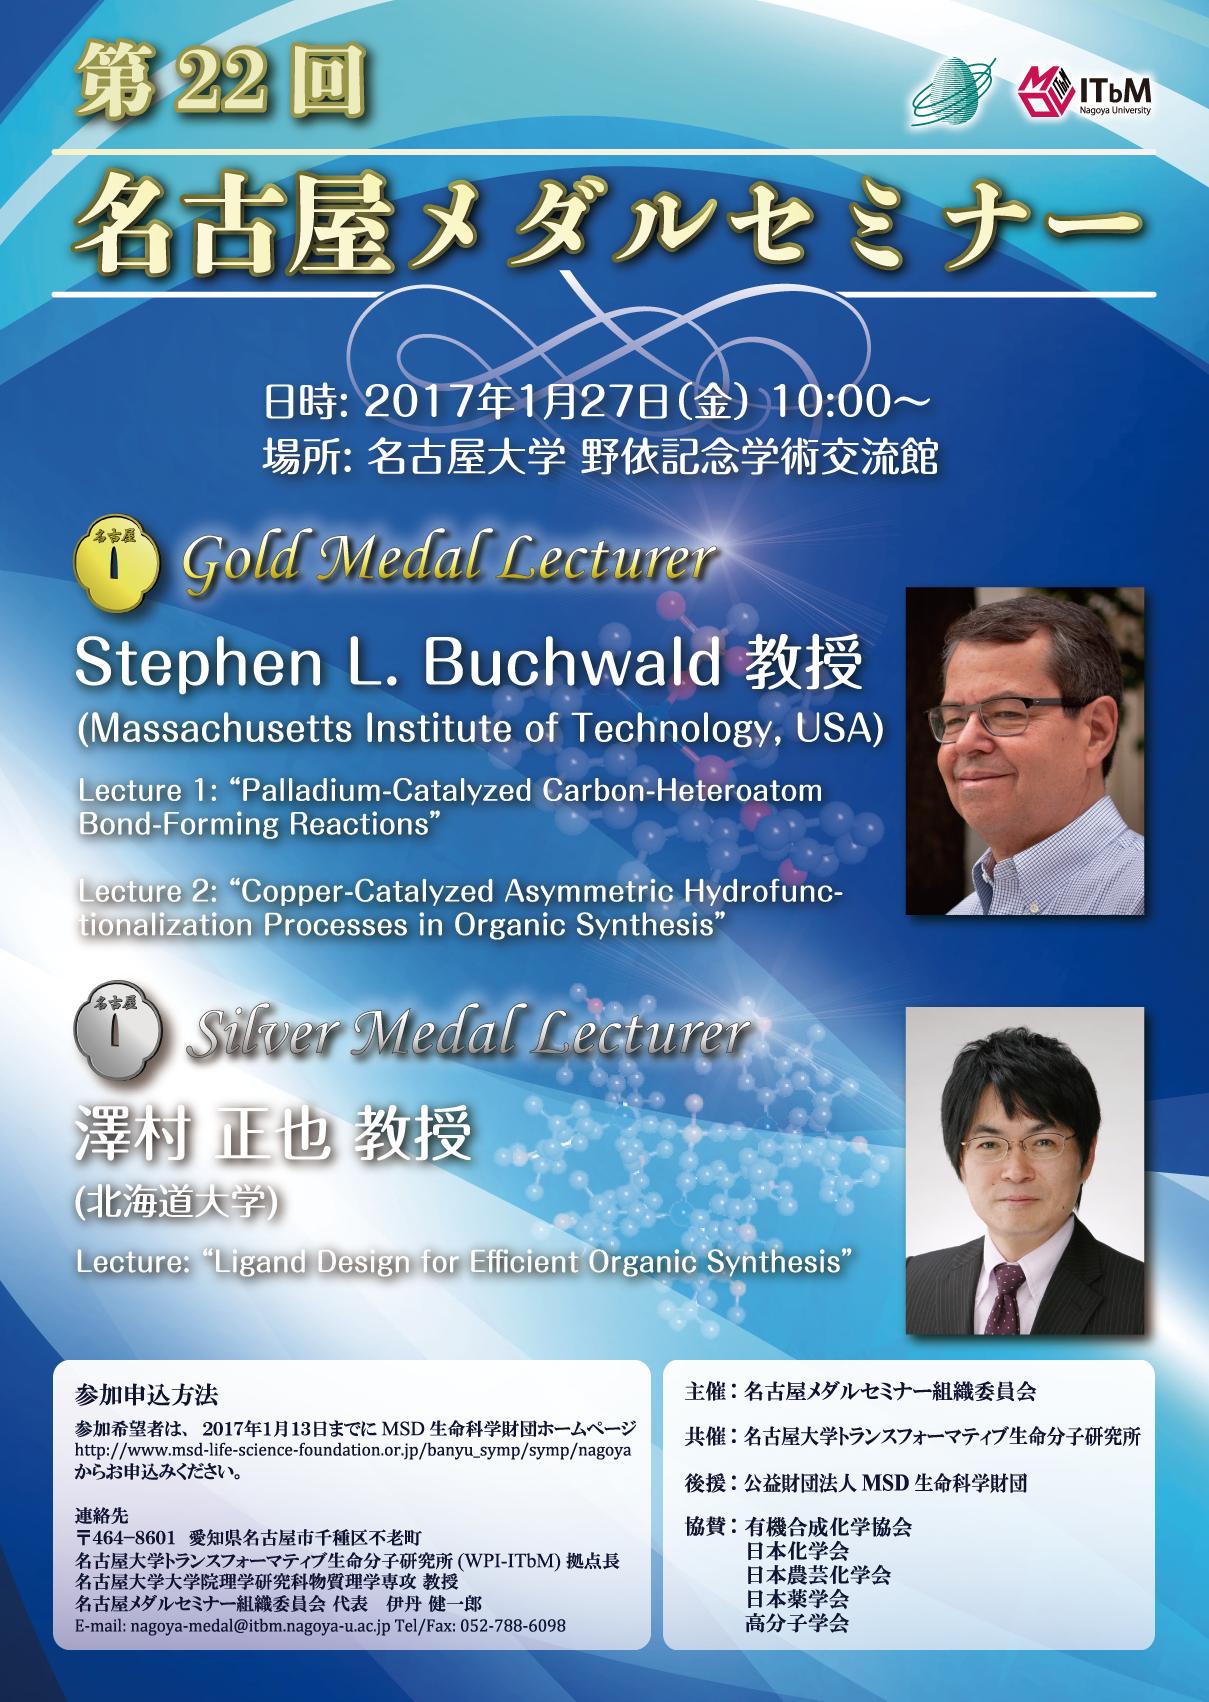 22nd_Nagoya_Medal_Poster_jp_v1b_ol.png